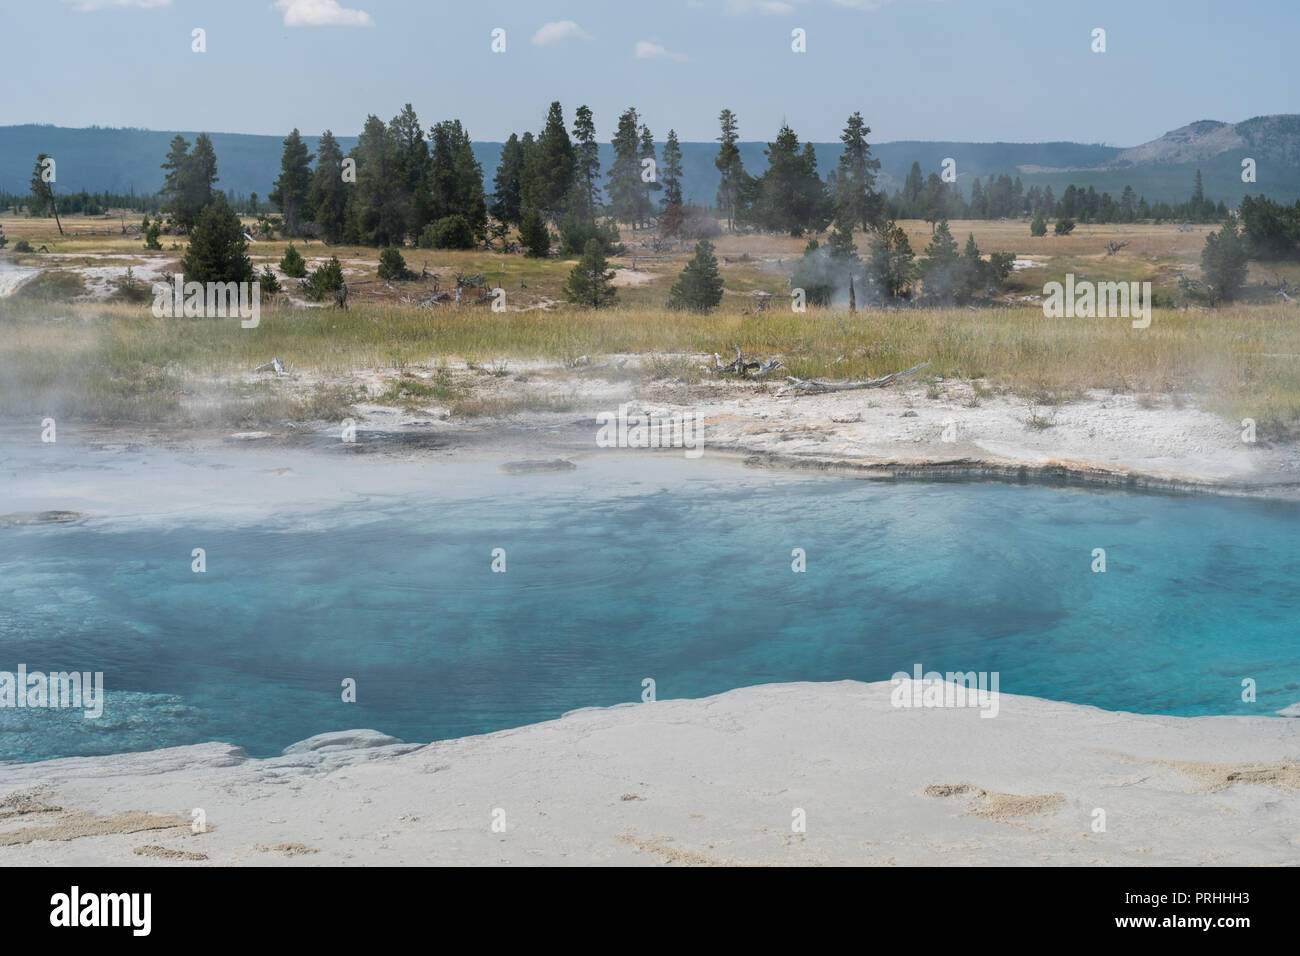 Resorte caliente fuera de senderos en el Parque Nacional de Yellowstone. Imagen De Stock